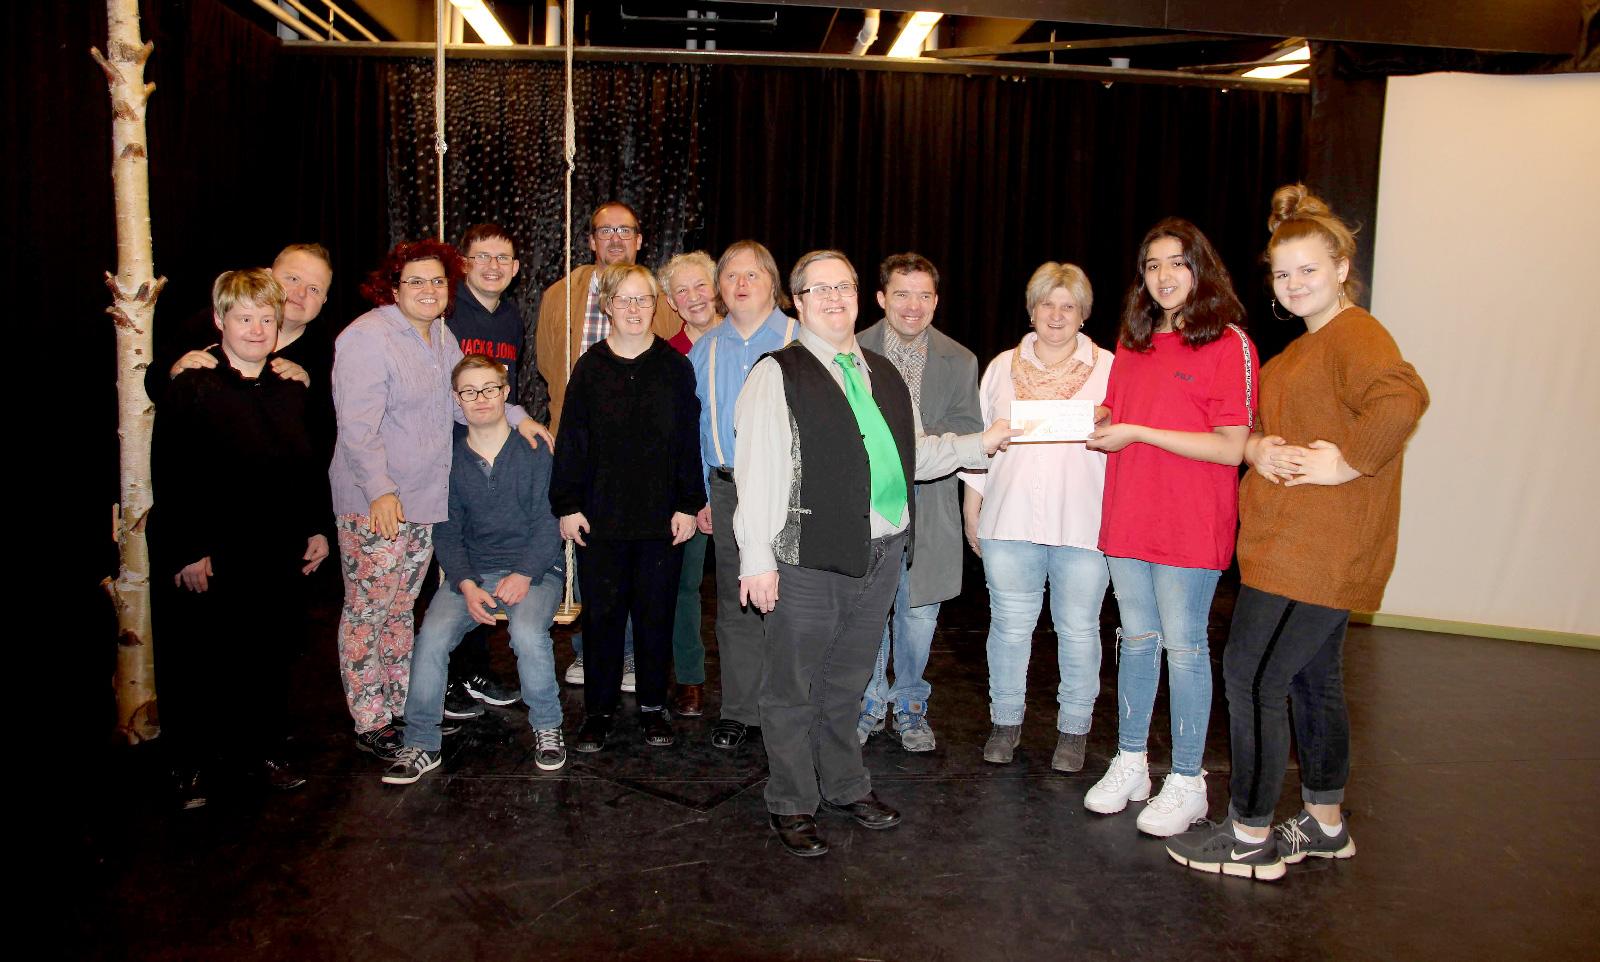 Lemis Dawood (2.v.r.) und Veronika Wenz (r), die beiden Klassensprecherinnen der 6 a der Georg-Ledebour-Mittelschule aus dem Nürnberg-Langwasser überreichte den Darstellern von Theater mimulus eine Spende von 50 Euro.